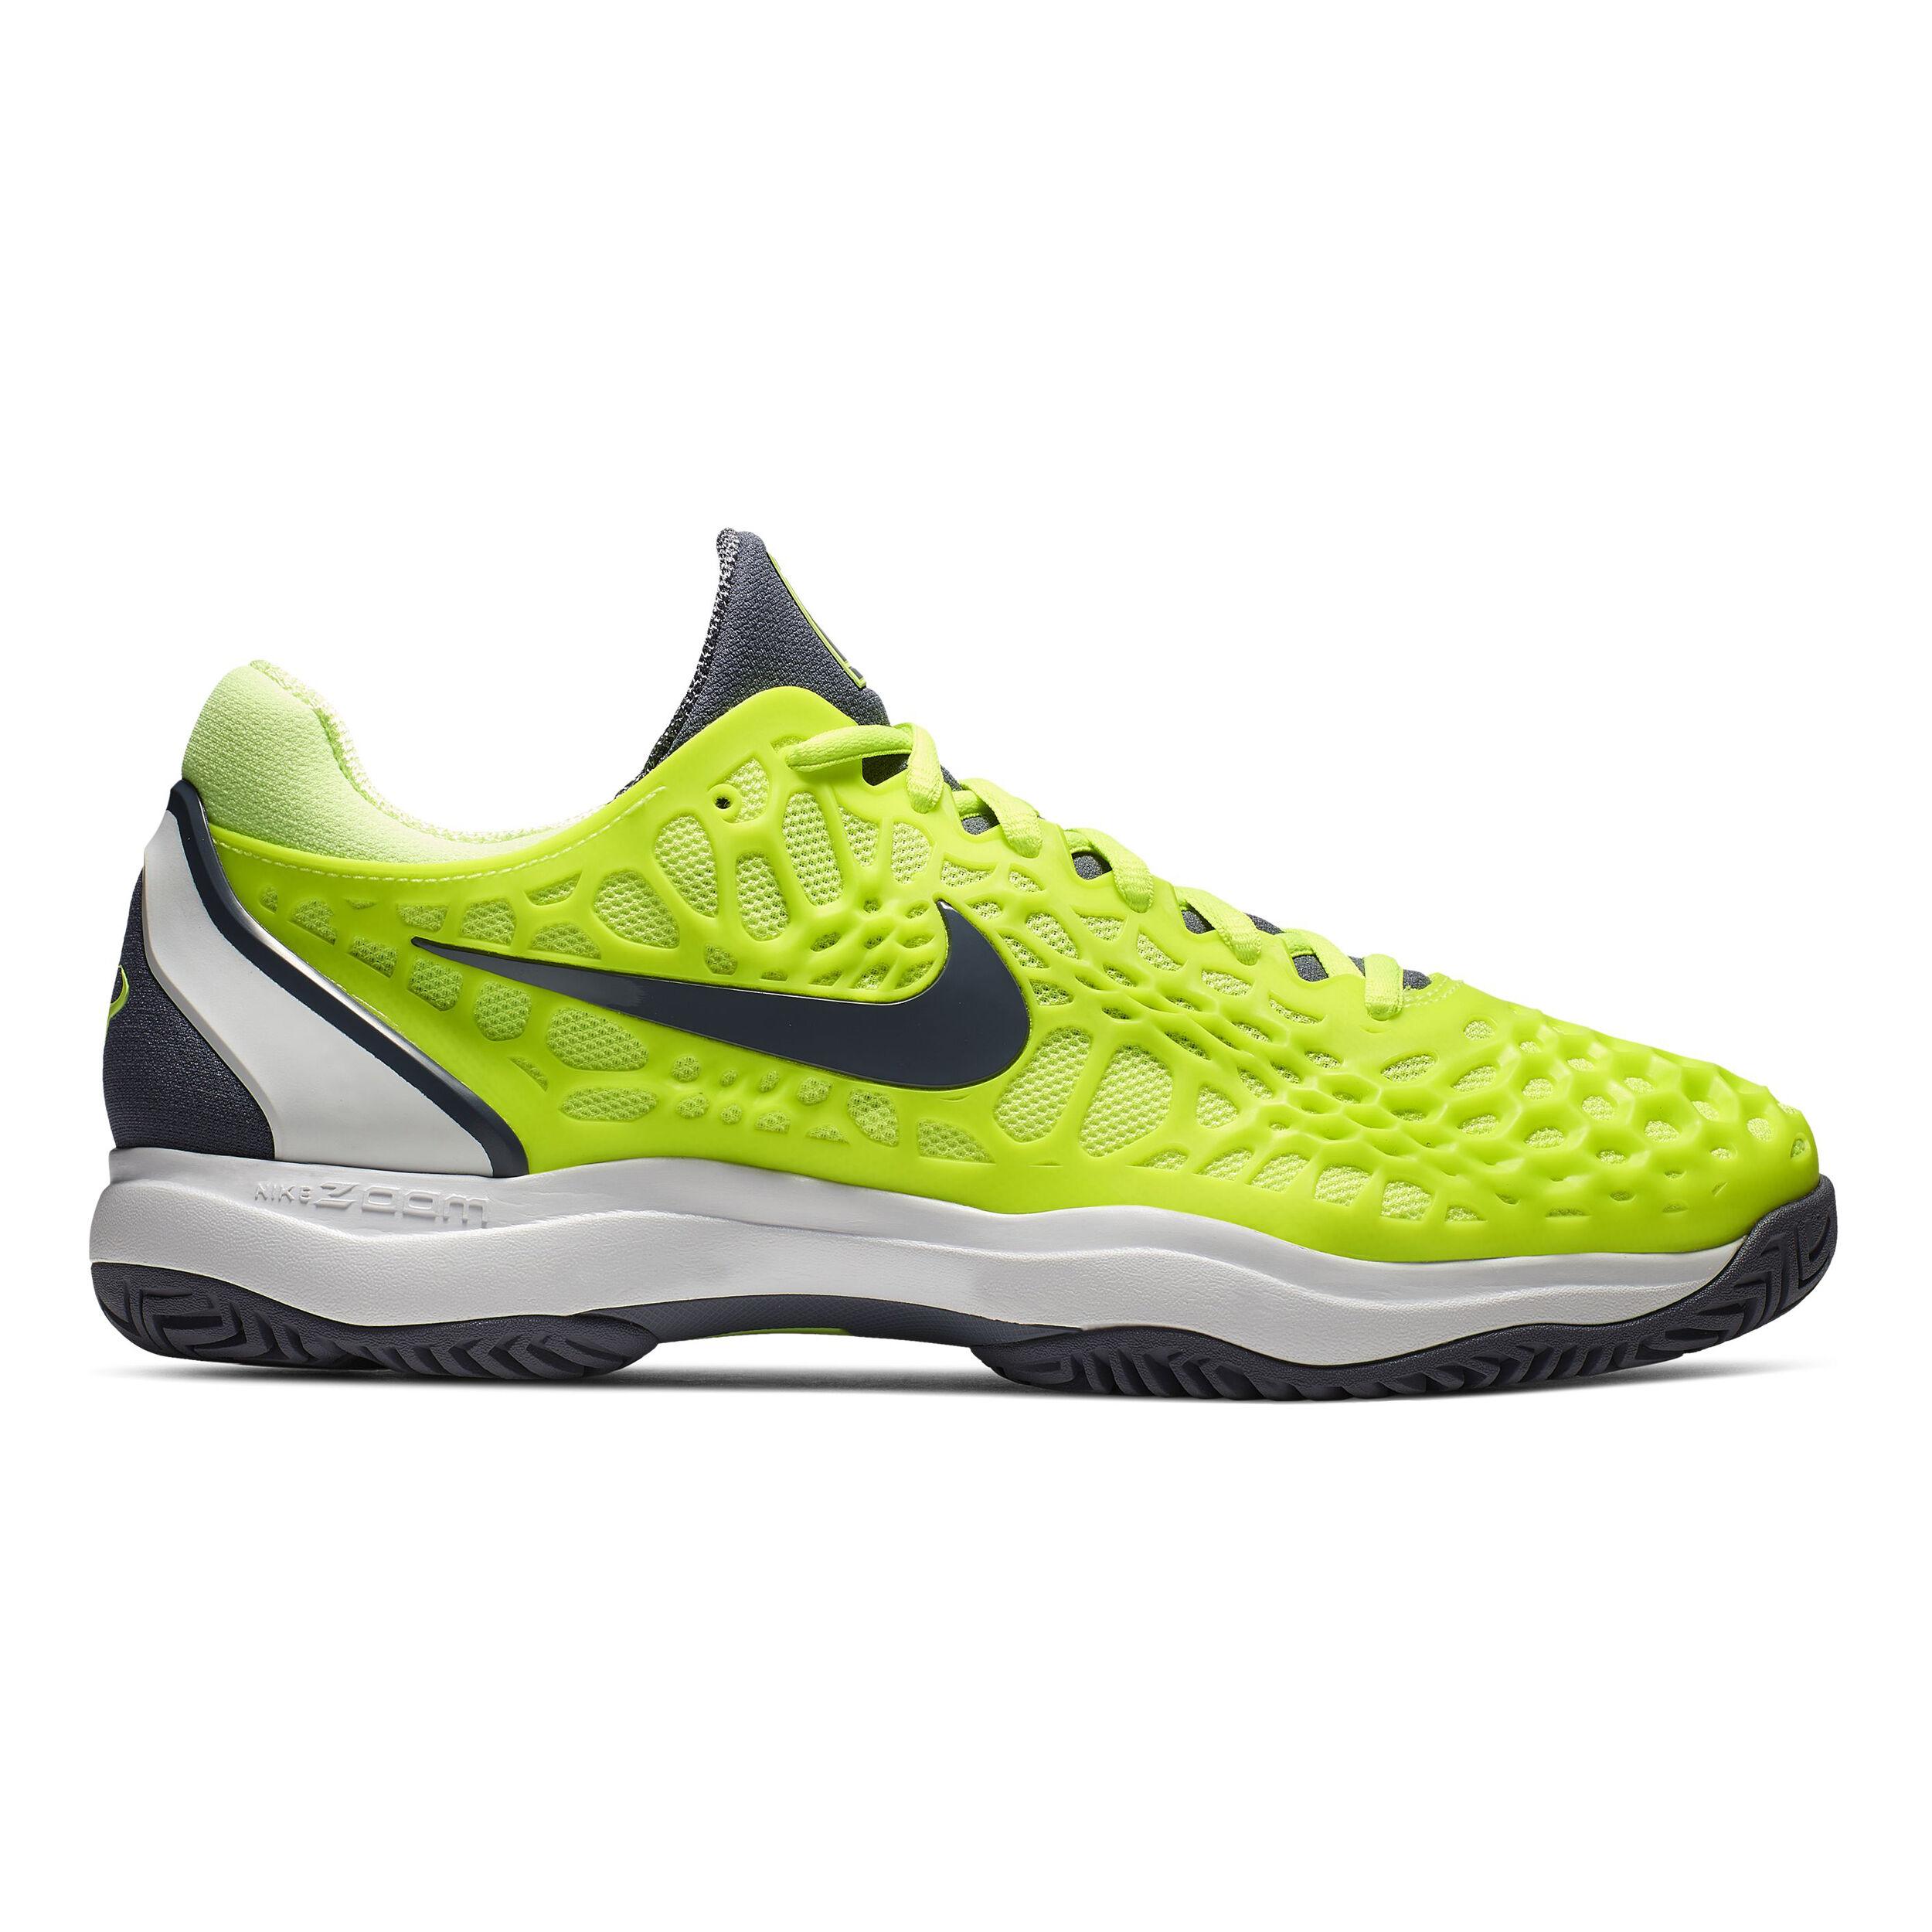 Nike Zoom Cage 3 Scarpa Per Tutte Le Superfici Uomini